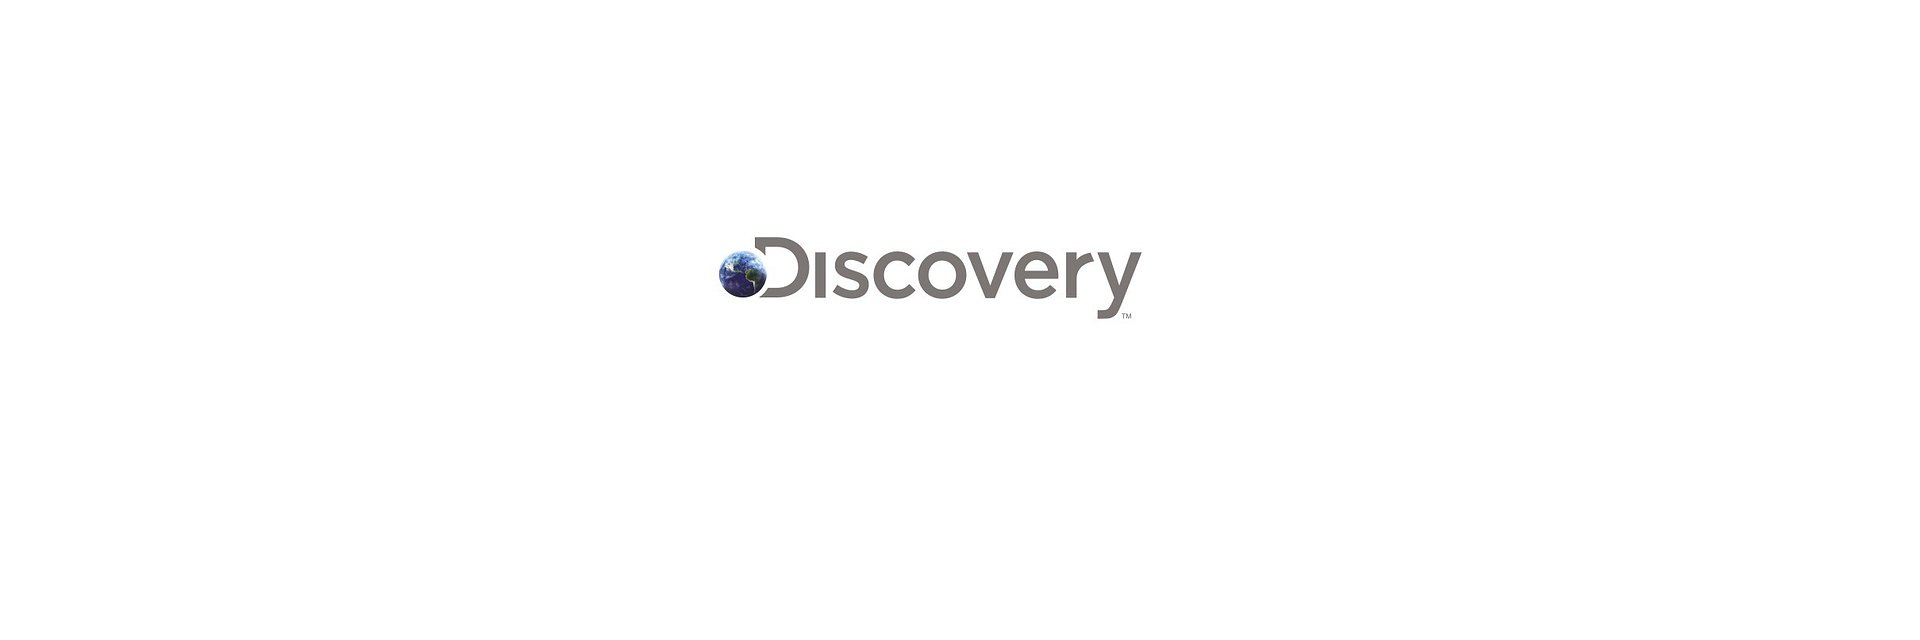 Discovery wprowadza nową strukturę zarządzania w regionie EMEA